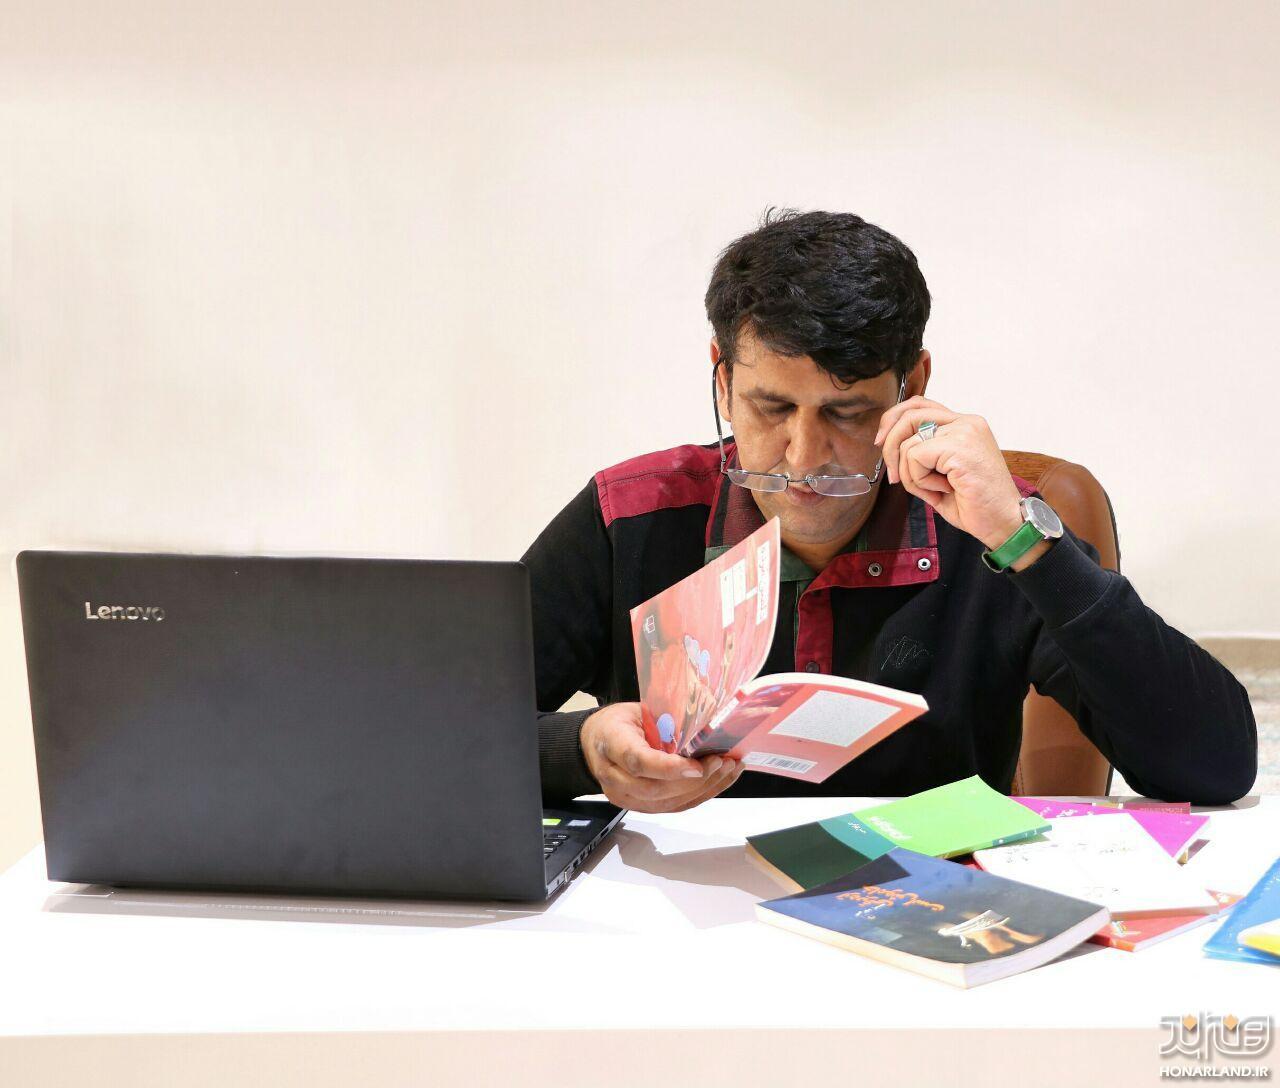 حسن بهرامی نویسنده ای از تاسار | از معلمی تا نویسندگی| قسمت اول